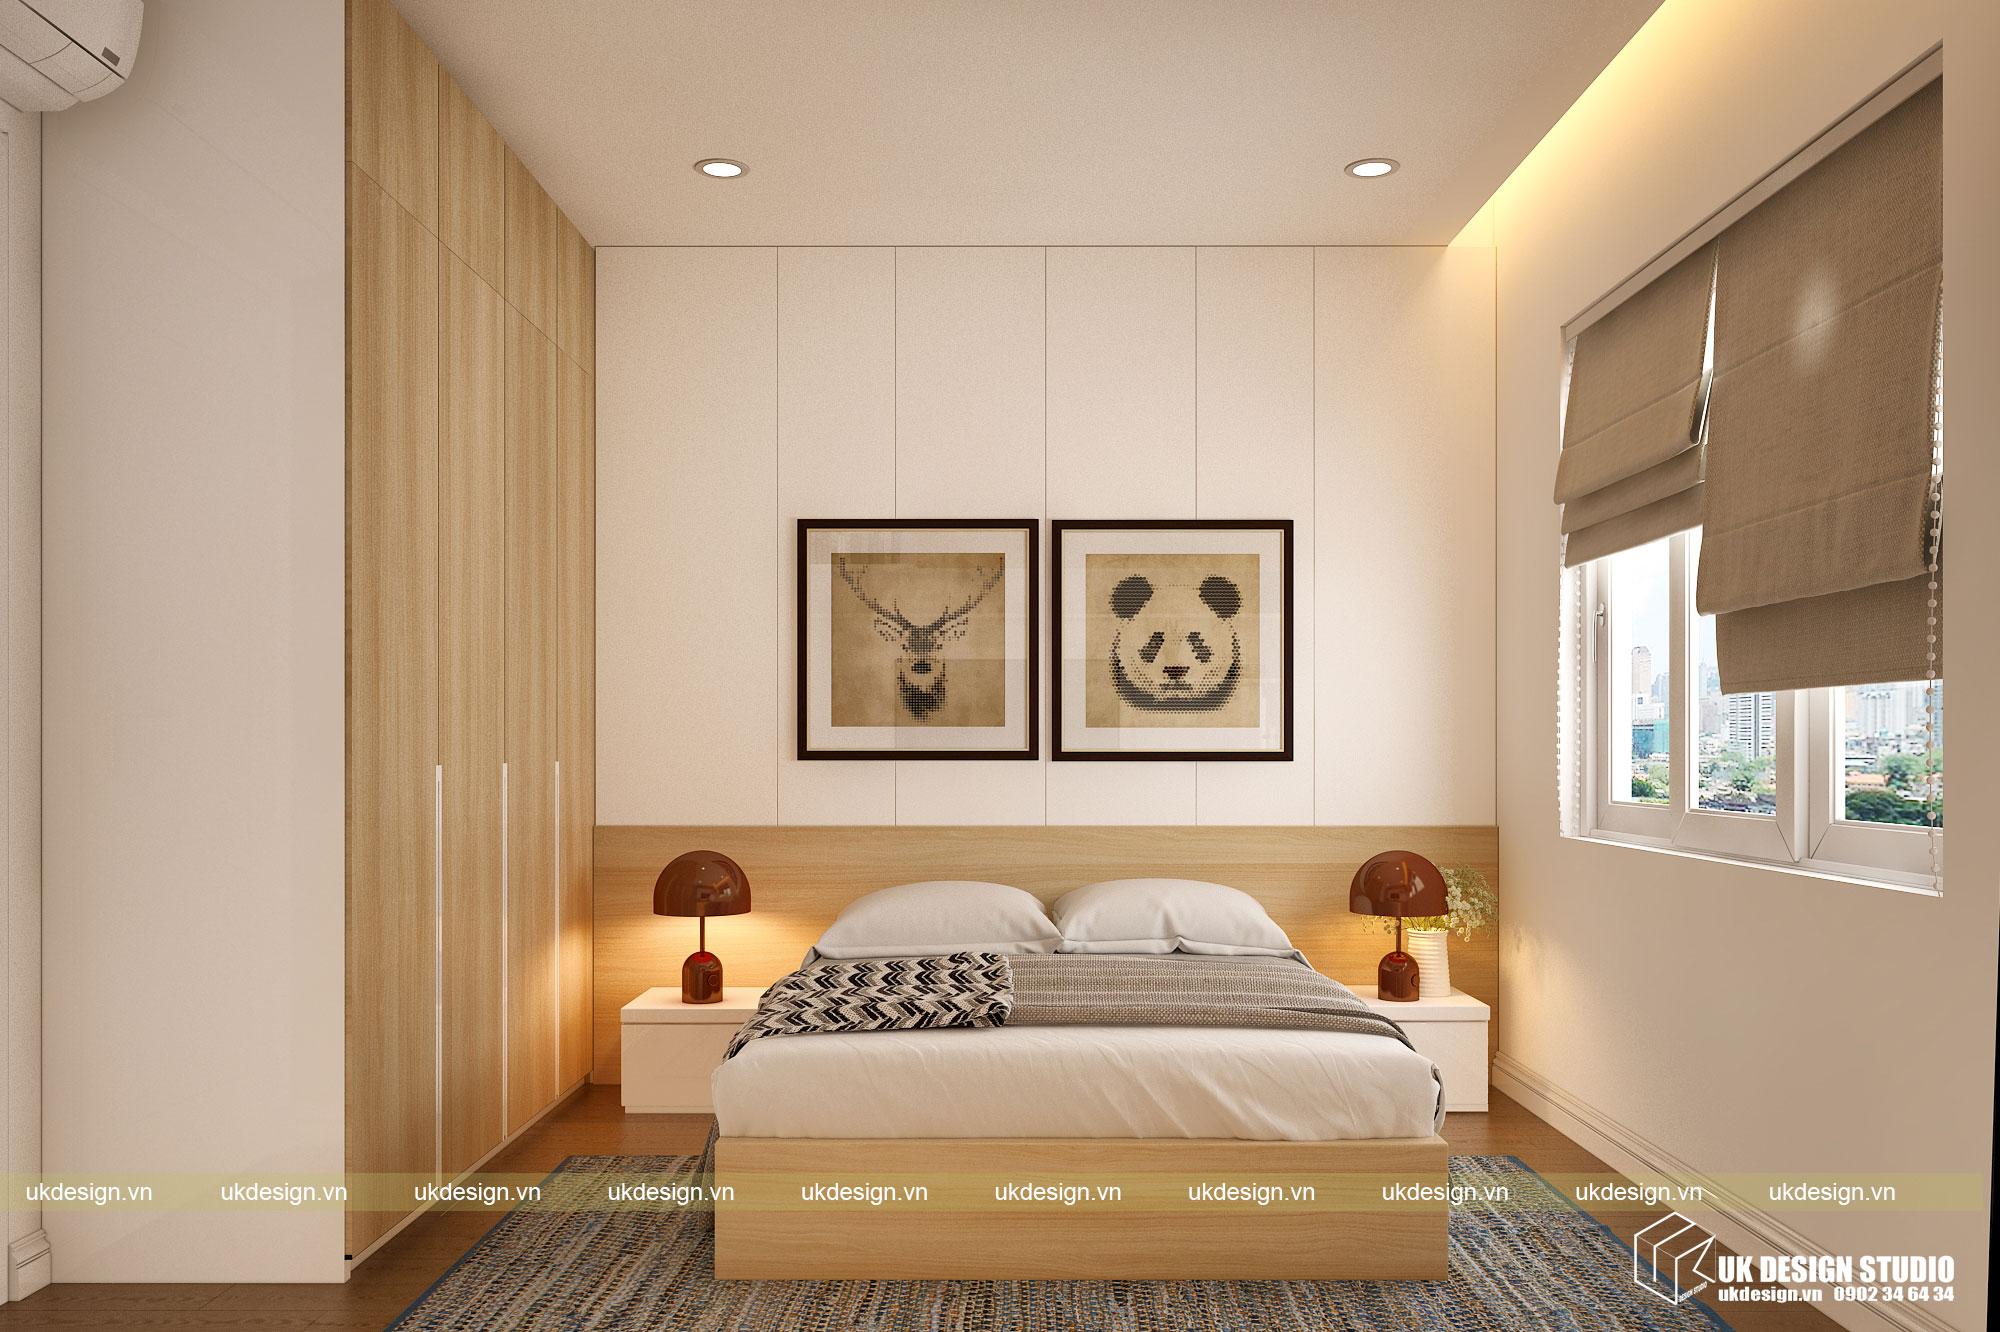 Thiết kế nội thất căn hộ 60m2 Hưng Lộc Phát 13